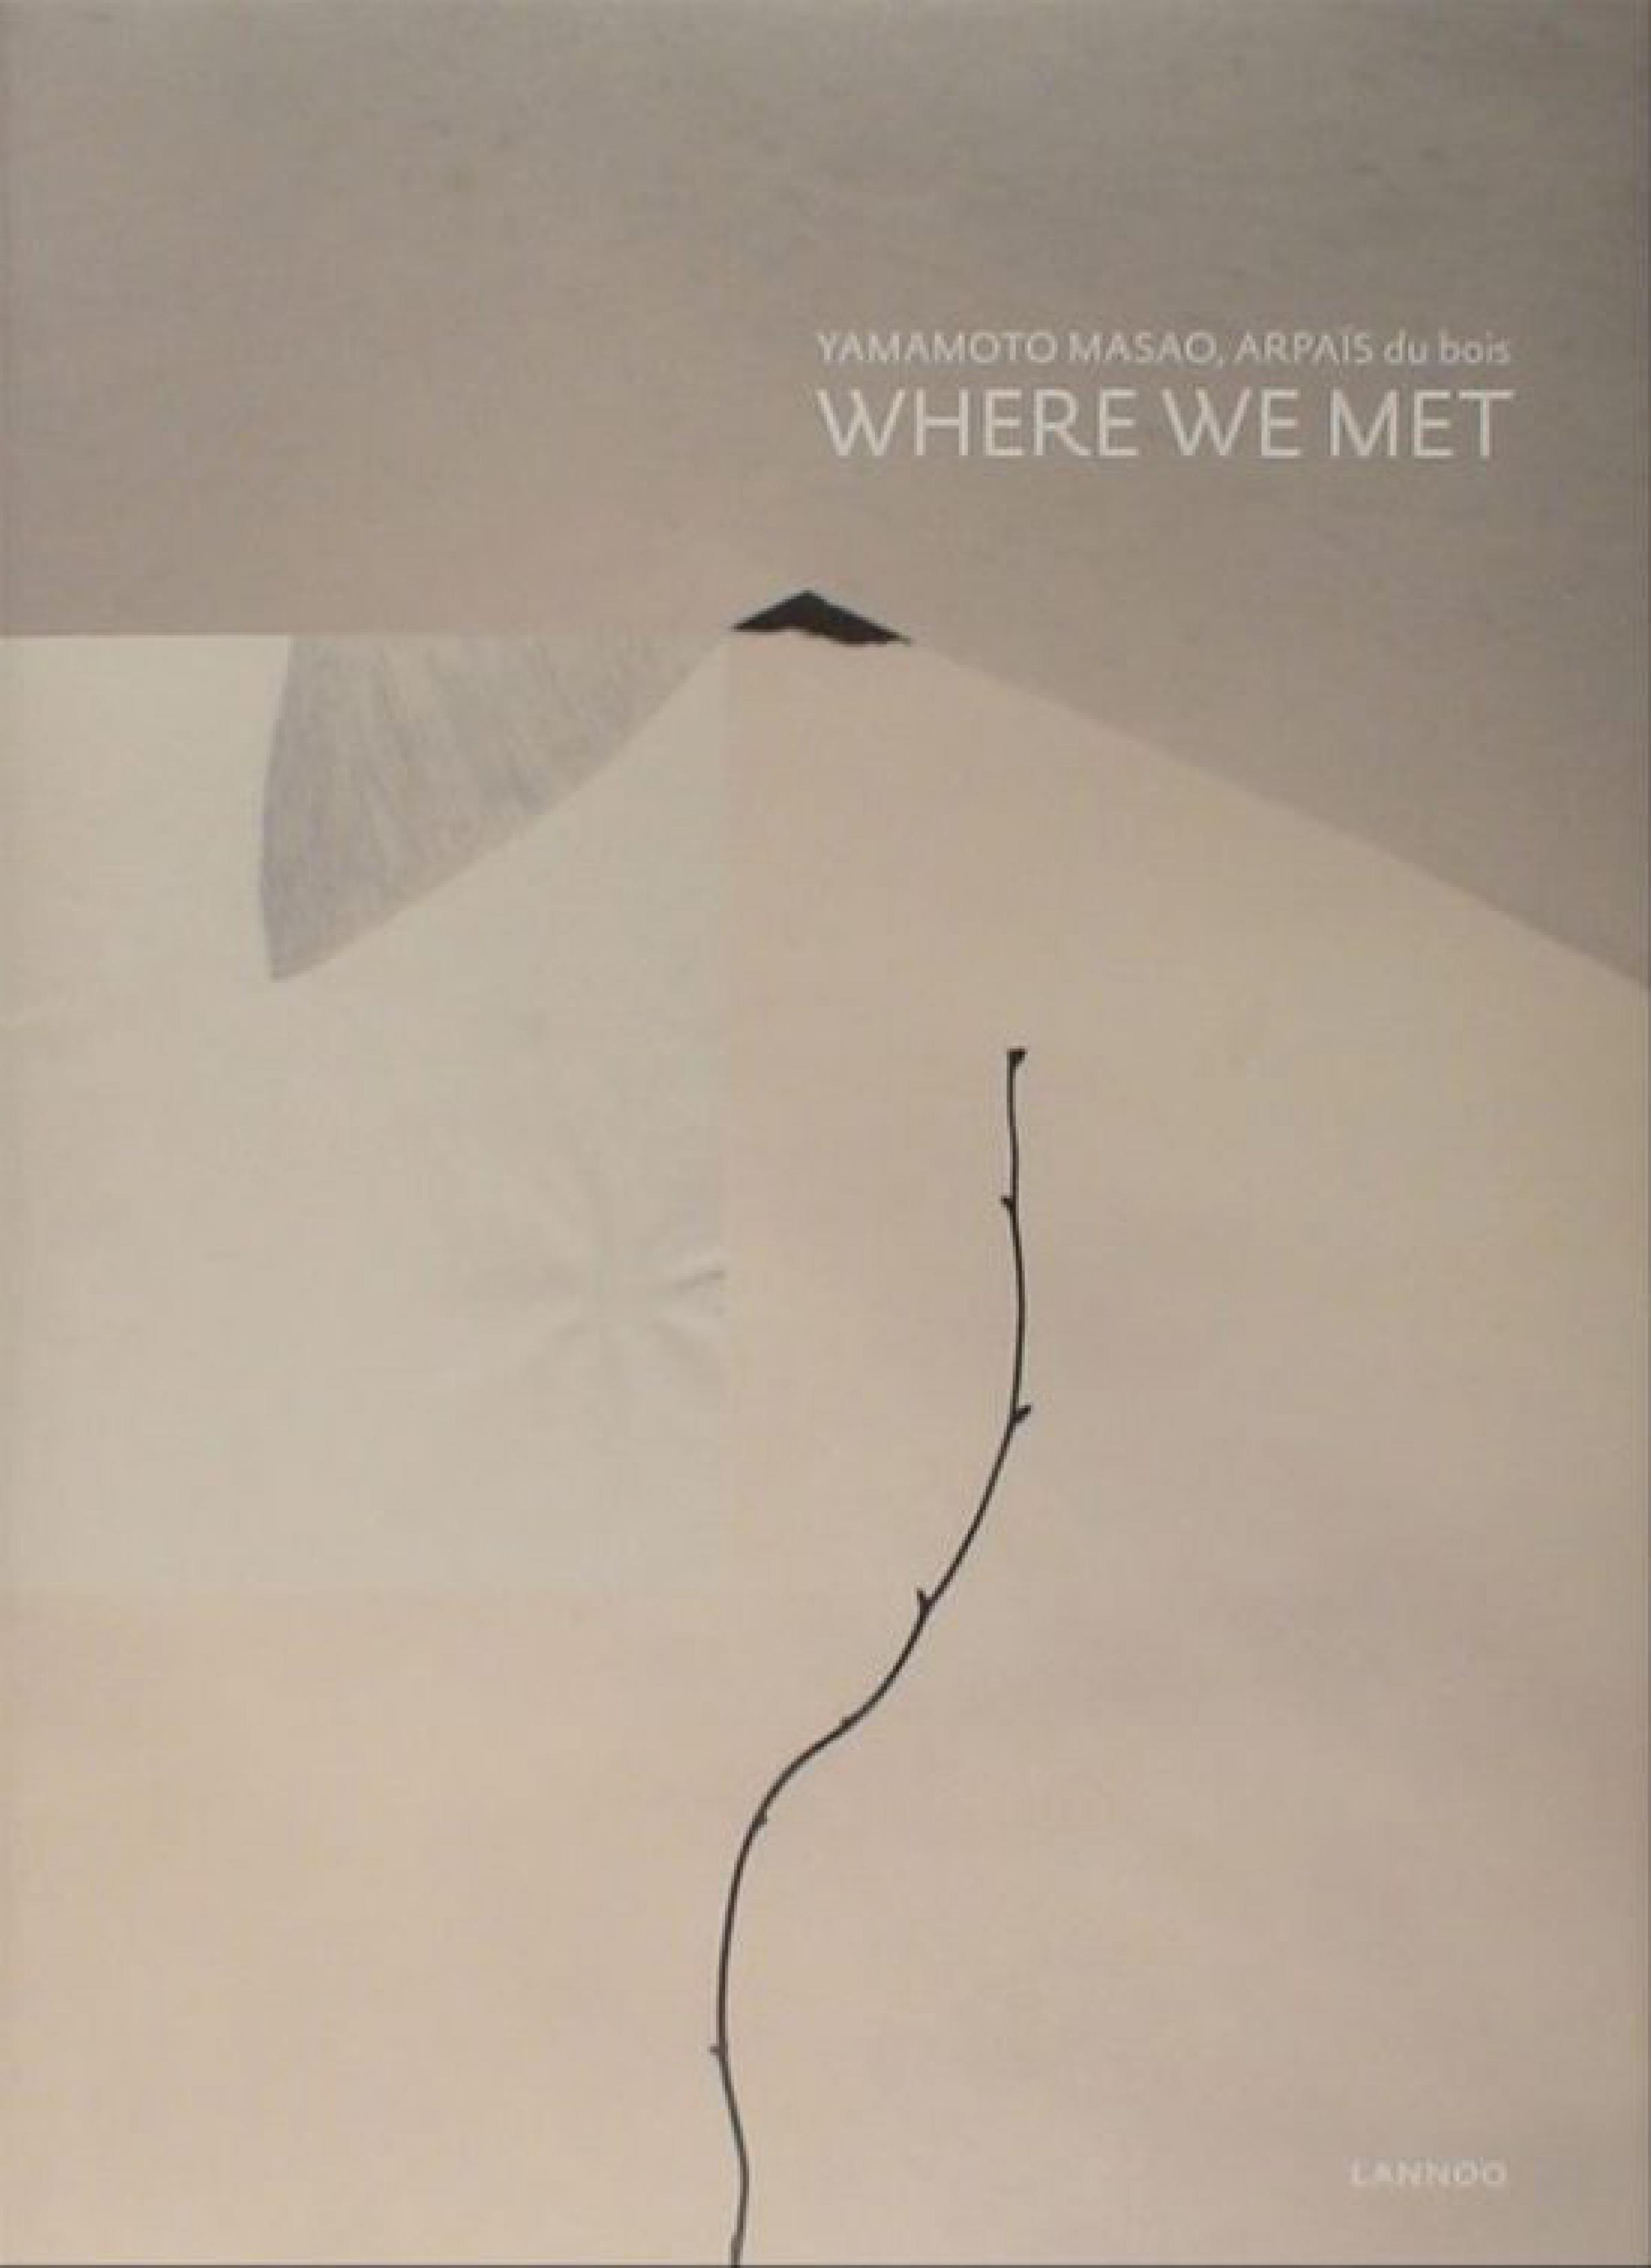 Yamamoto Masao: Where We Met